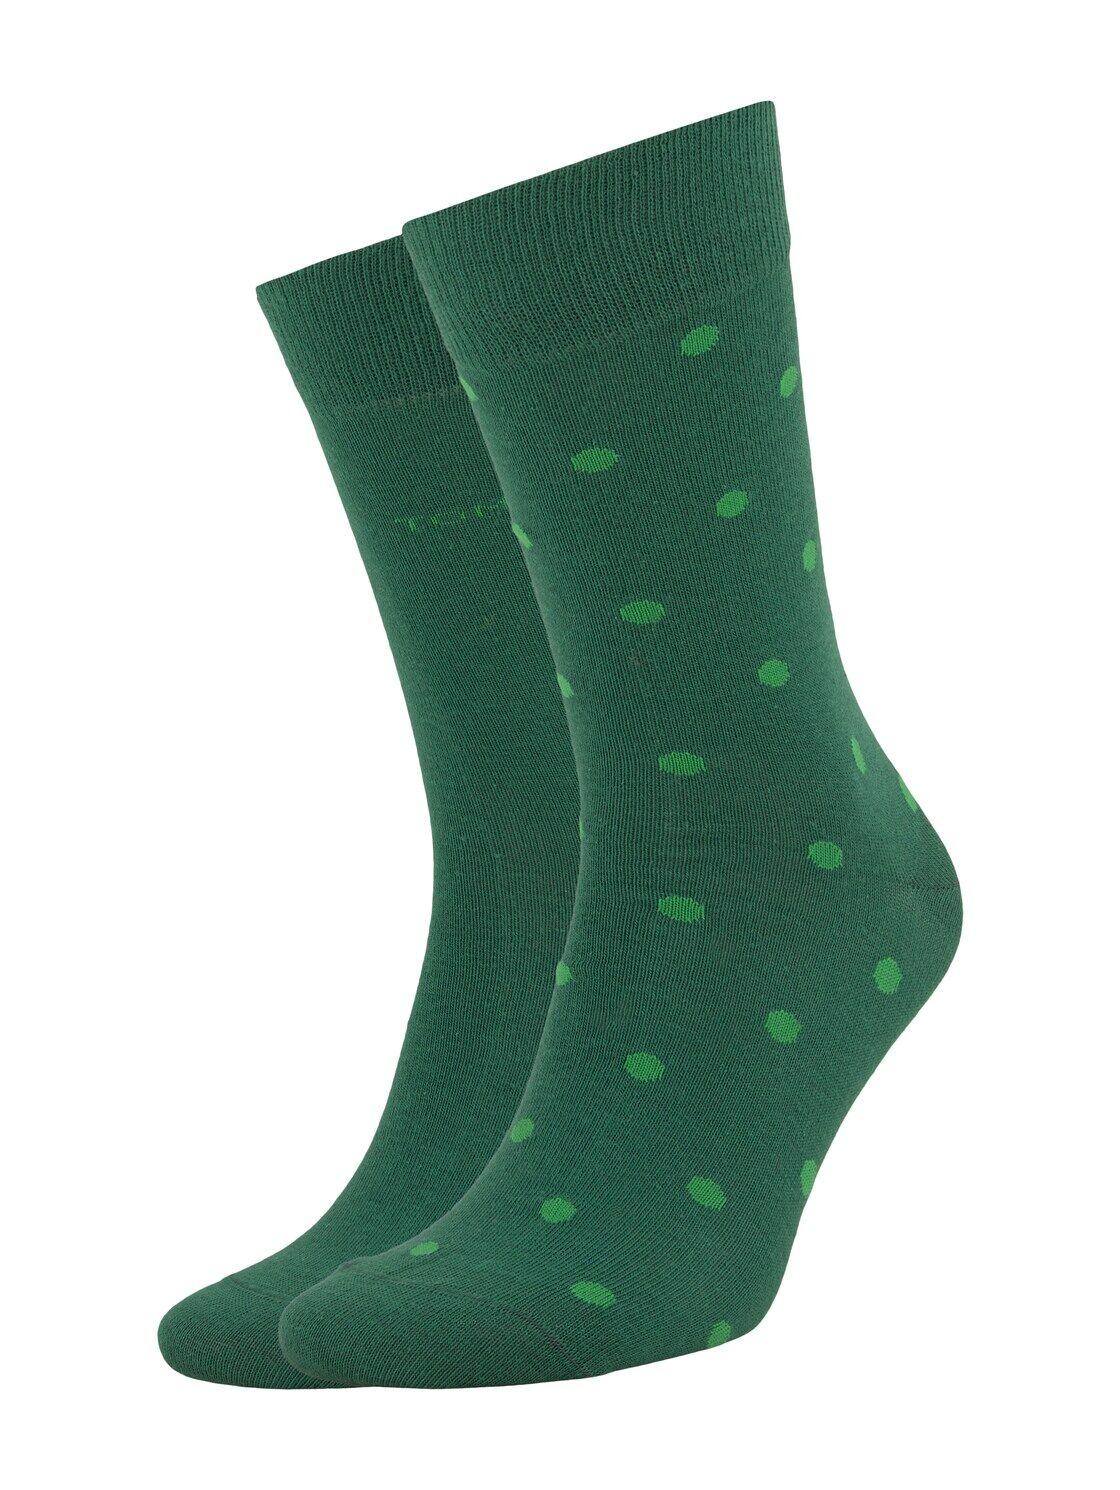 TOM TAILOR Herren Gepunktete Socken im Doppelpack, grün, Gr.39-42